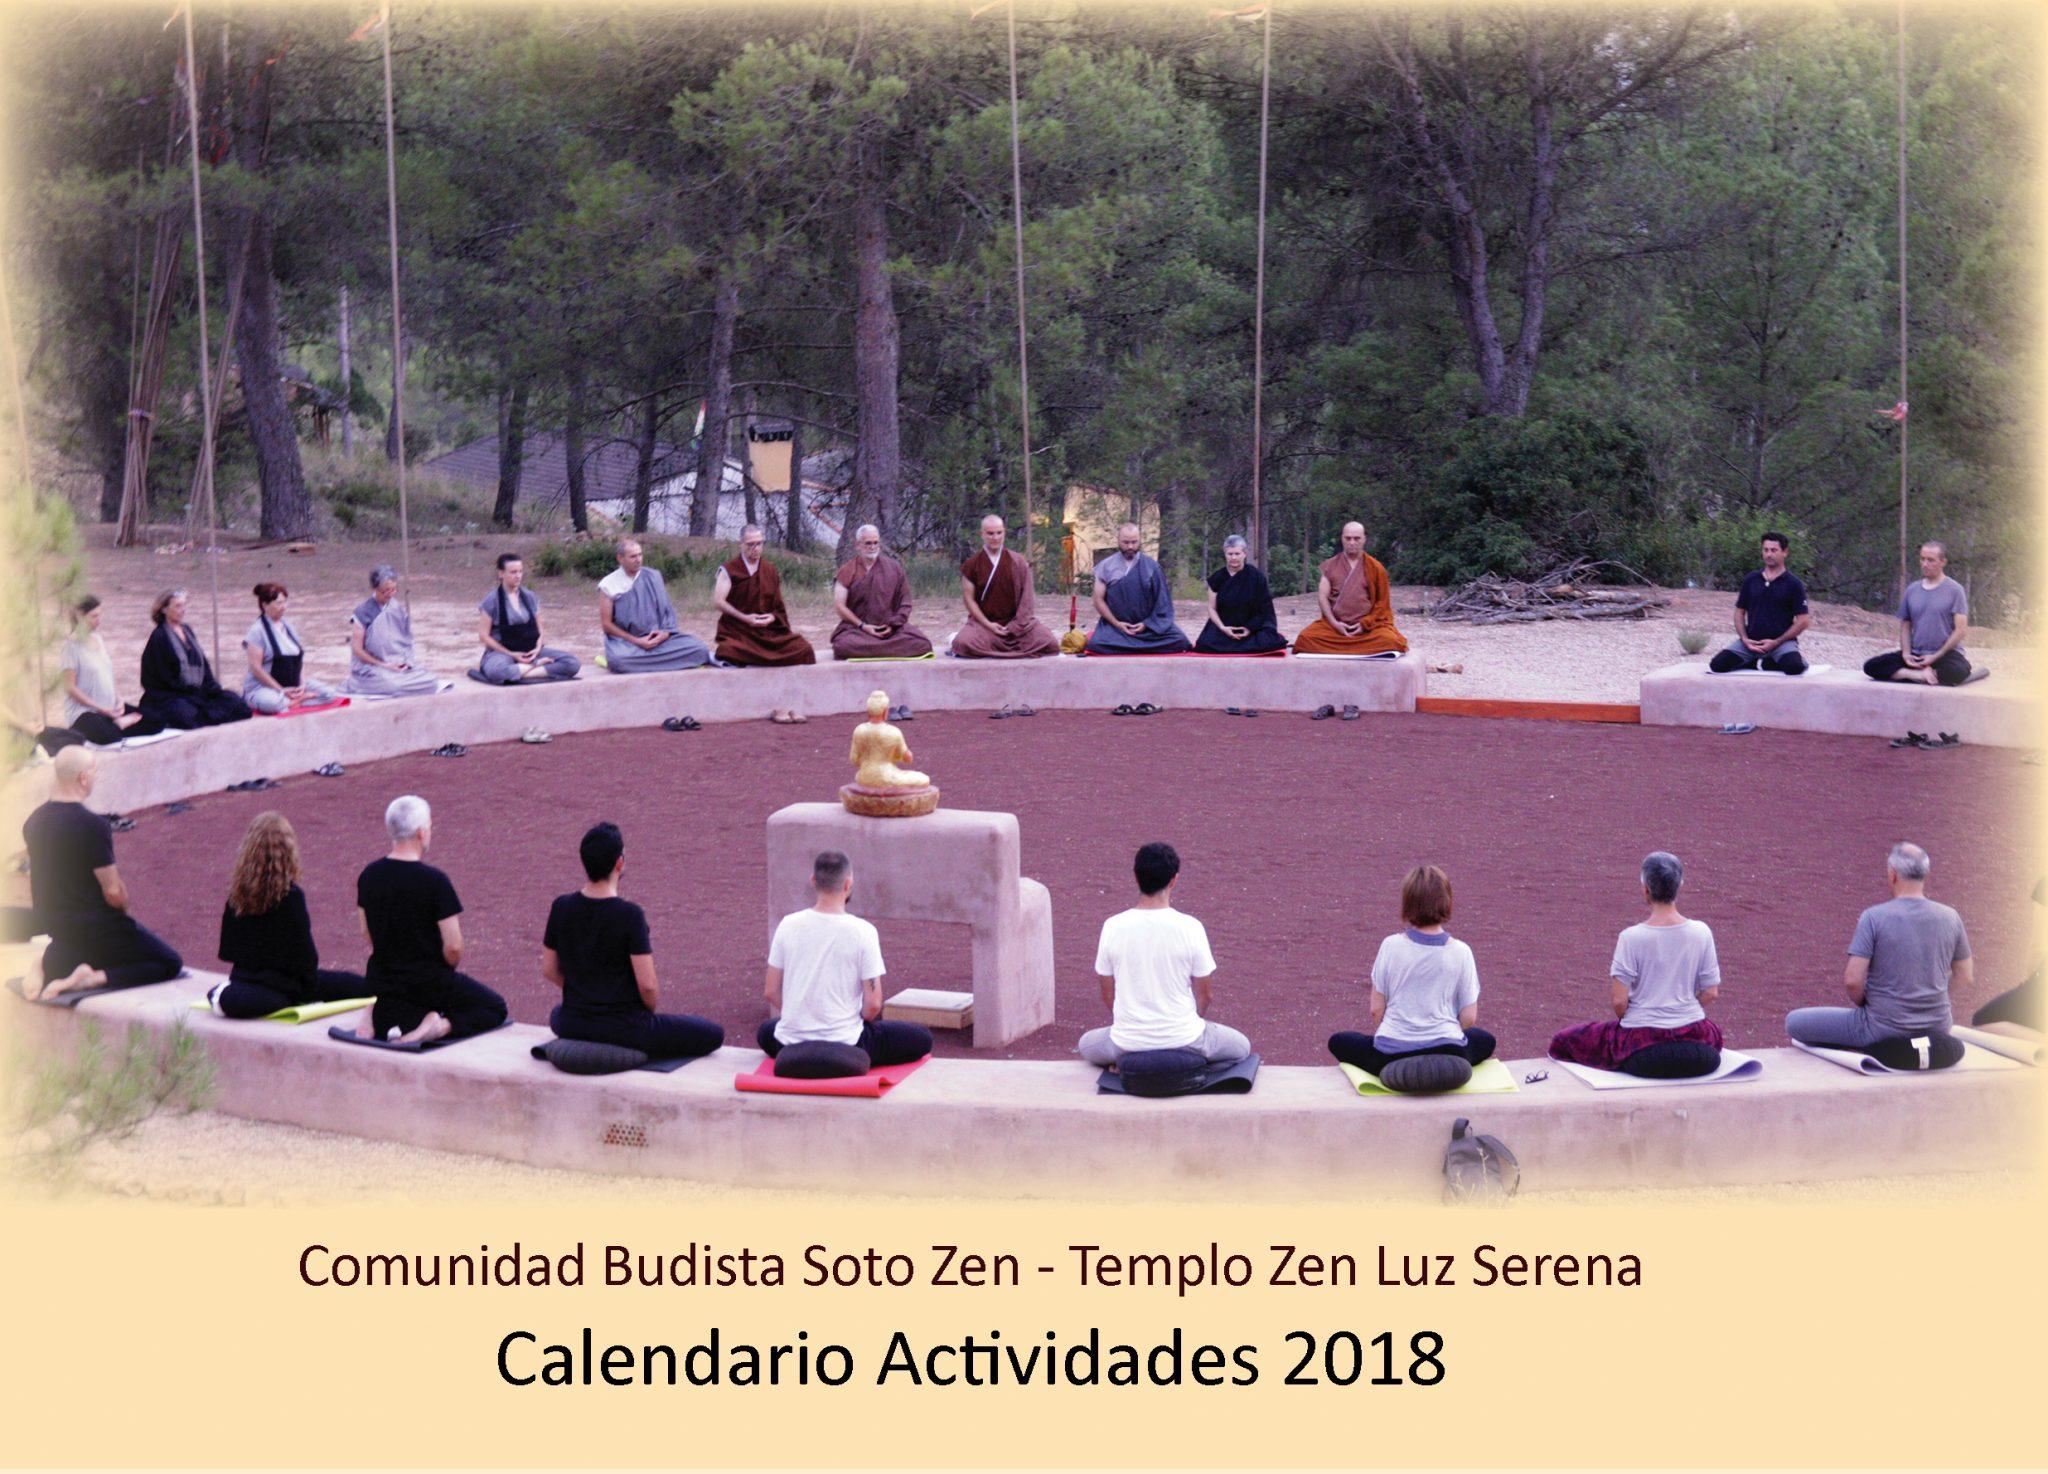 Calendario de Actividades 2018 CBSZ